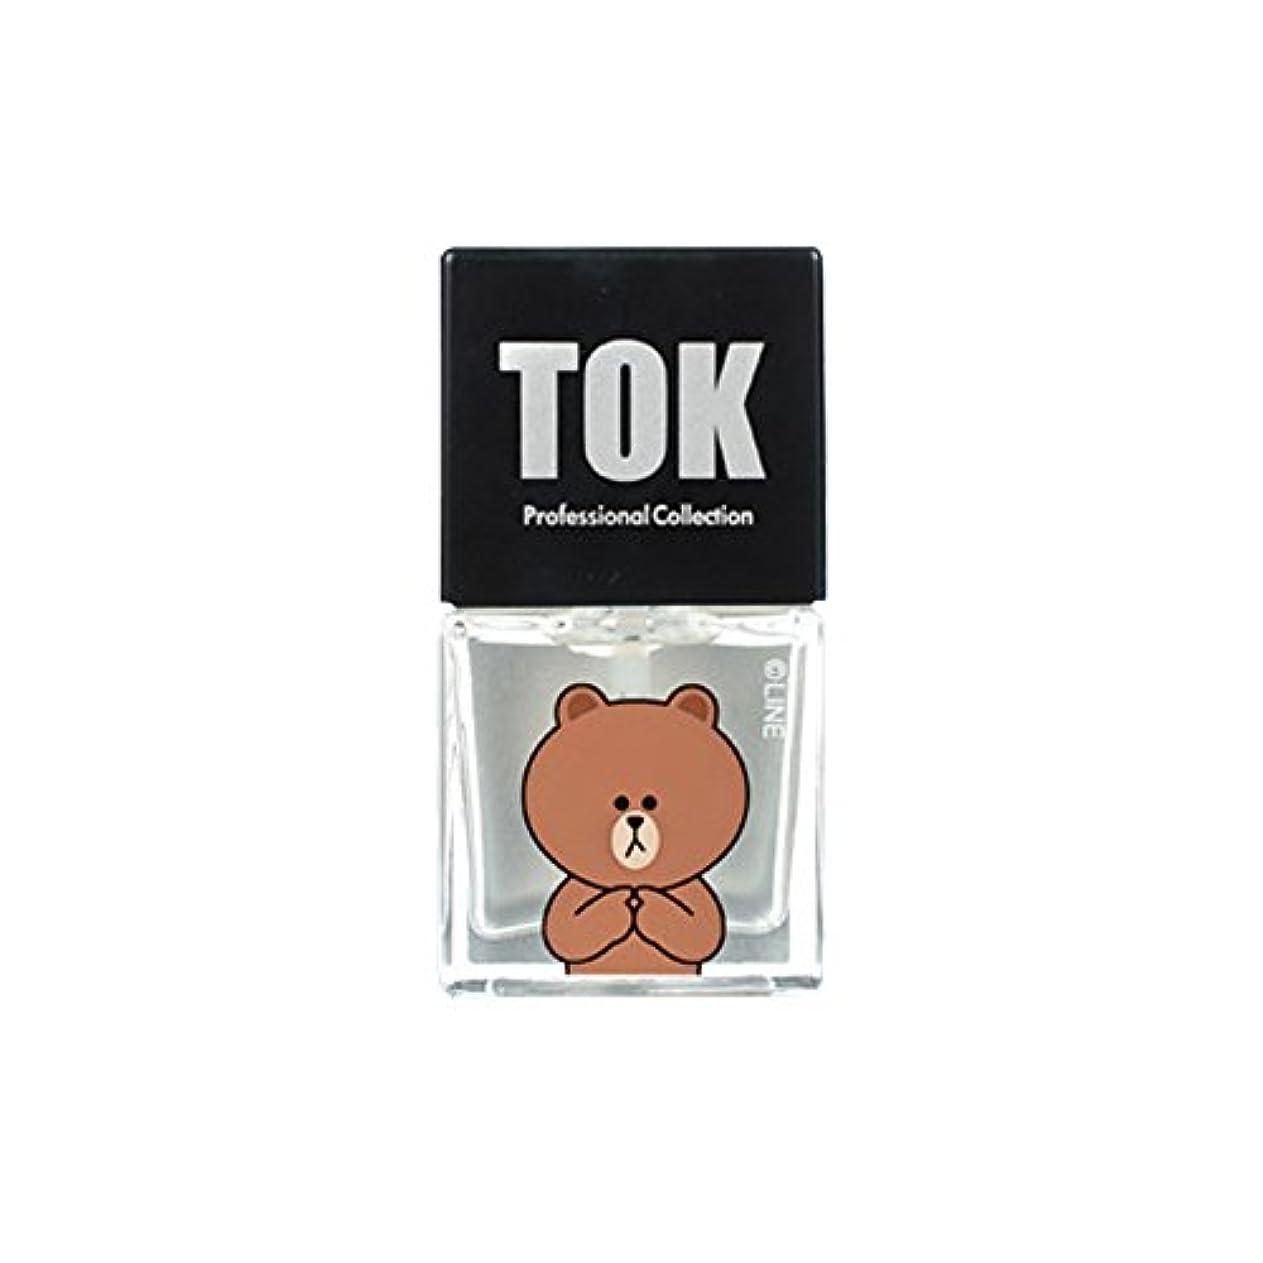 期限倒錯負担TOK Line Friends ネイル基本ケア ベースコート トップコート キューティクルオイル キューティクルリムーバー 栄養剤 /TOK Line Friends Nail Hybrid Basic Care[海外直送品...